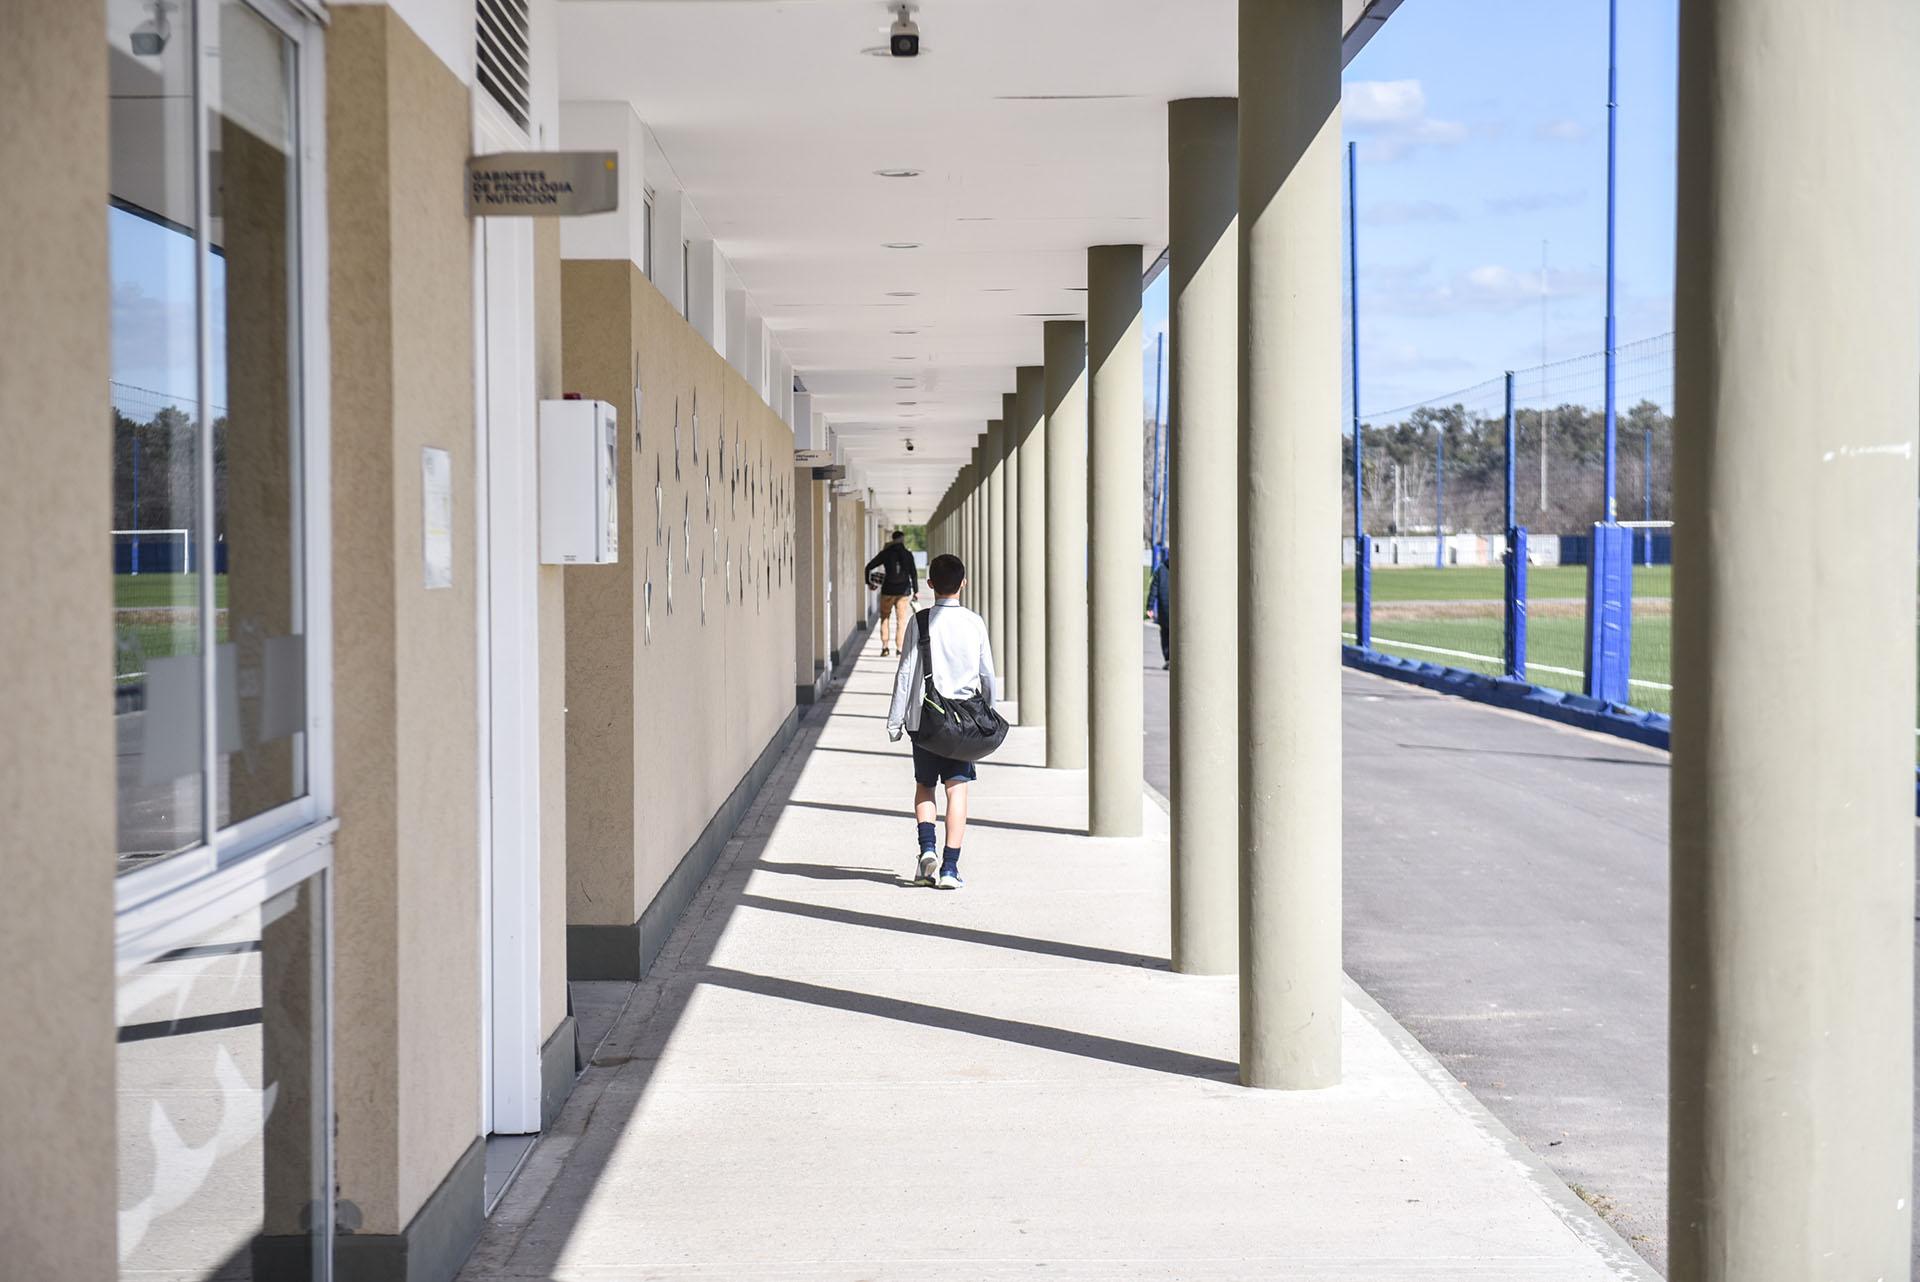 De un lado, las bocas de ingreso a las oficinas y vestuarios; del otro, el acceso a las canchas de entrenamiento (Guille Llamos)